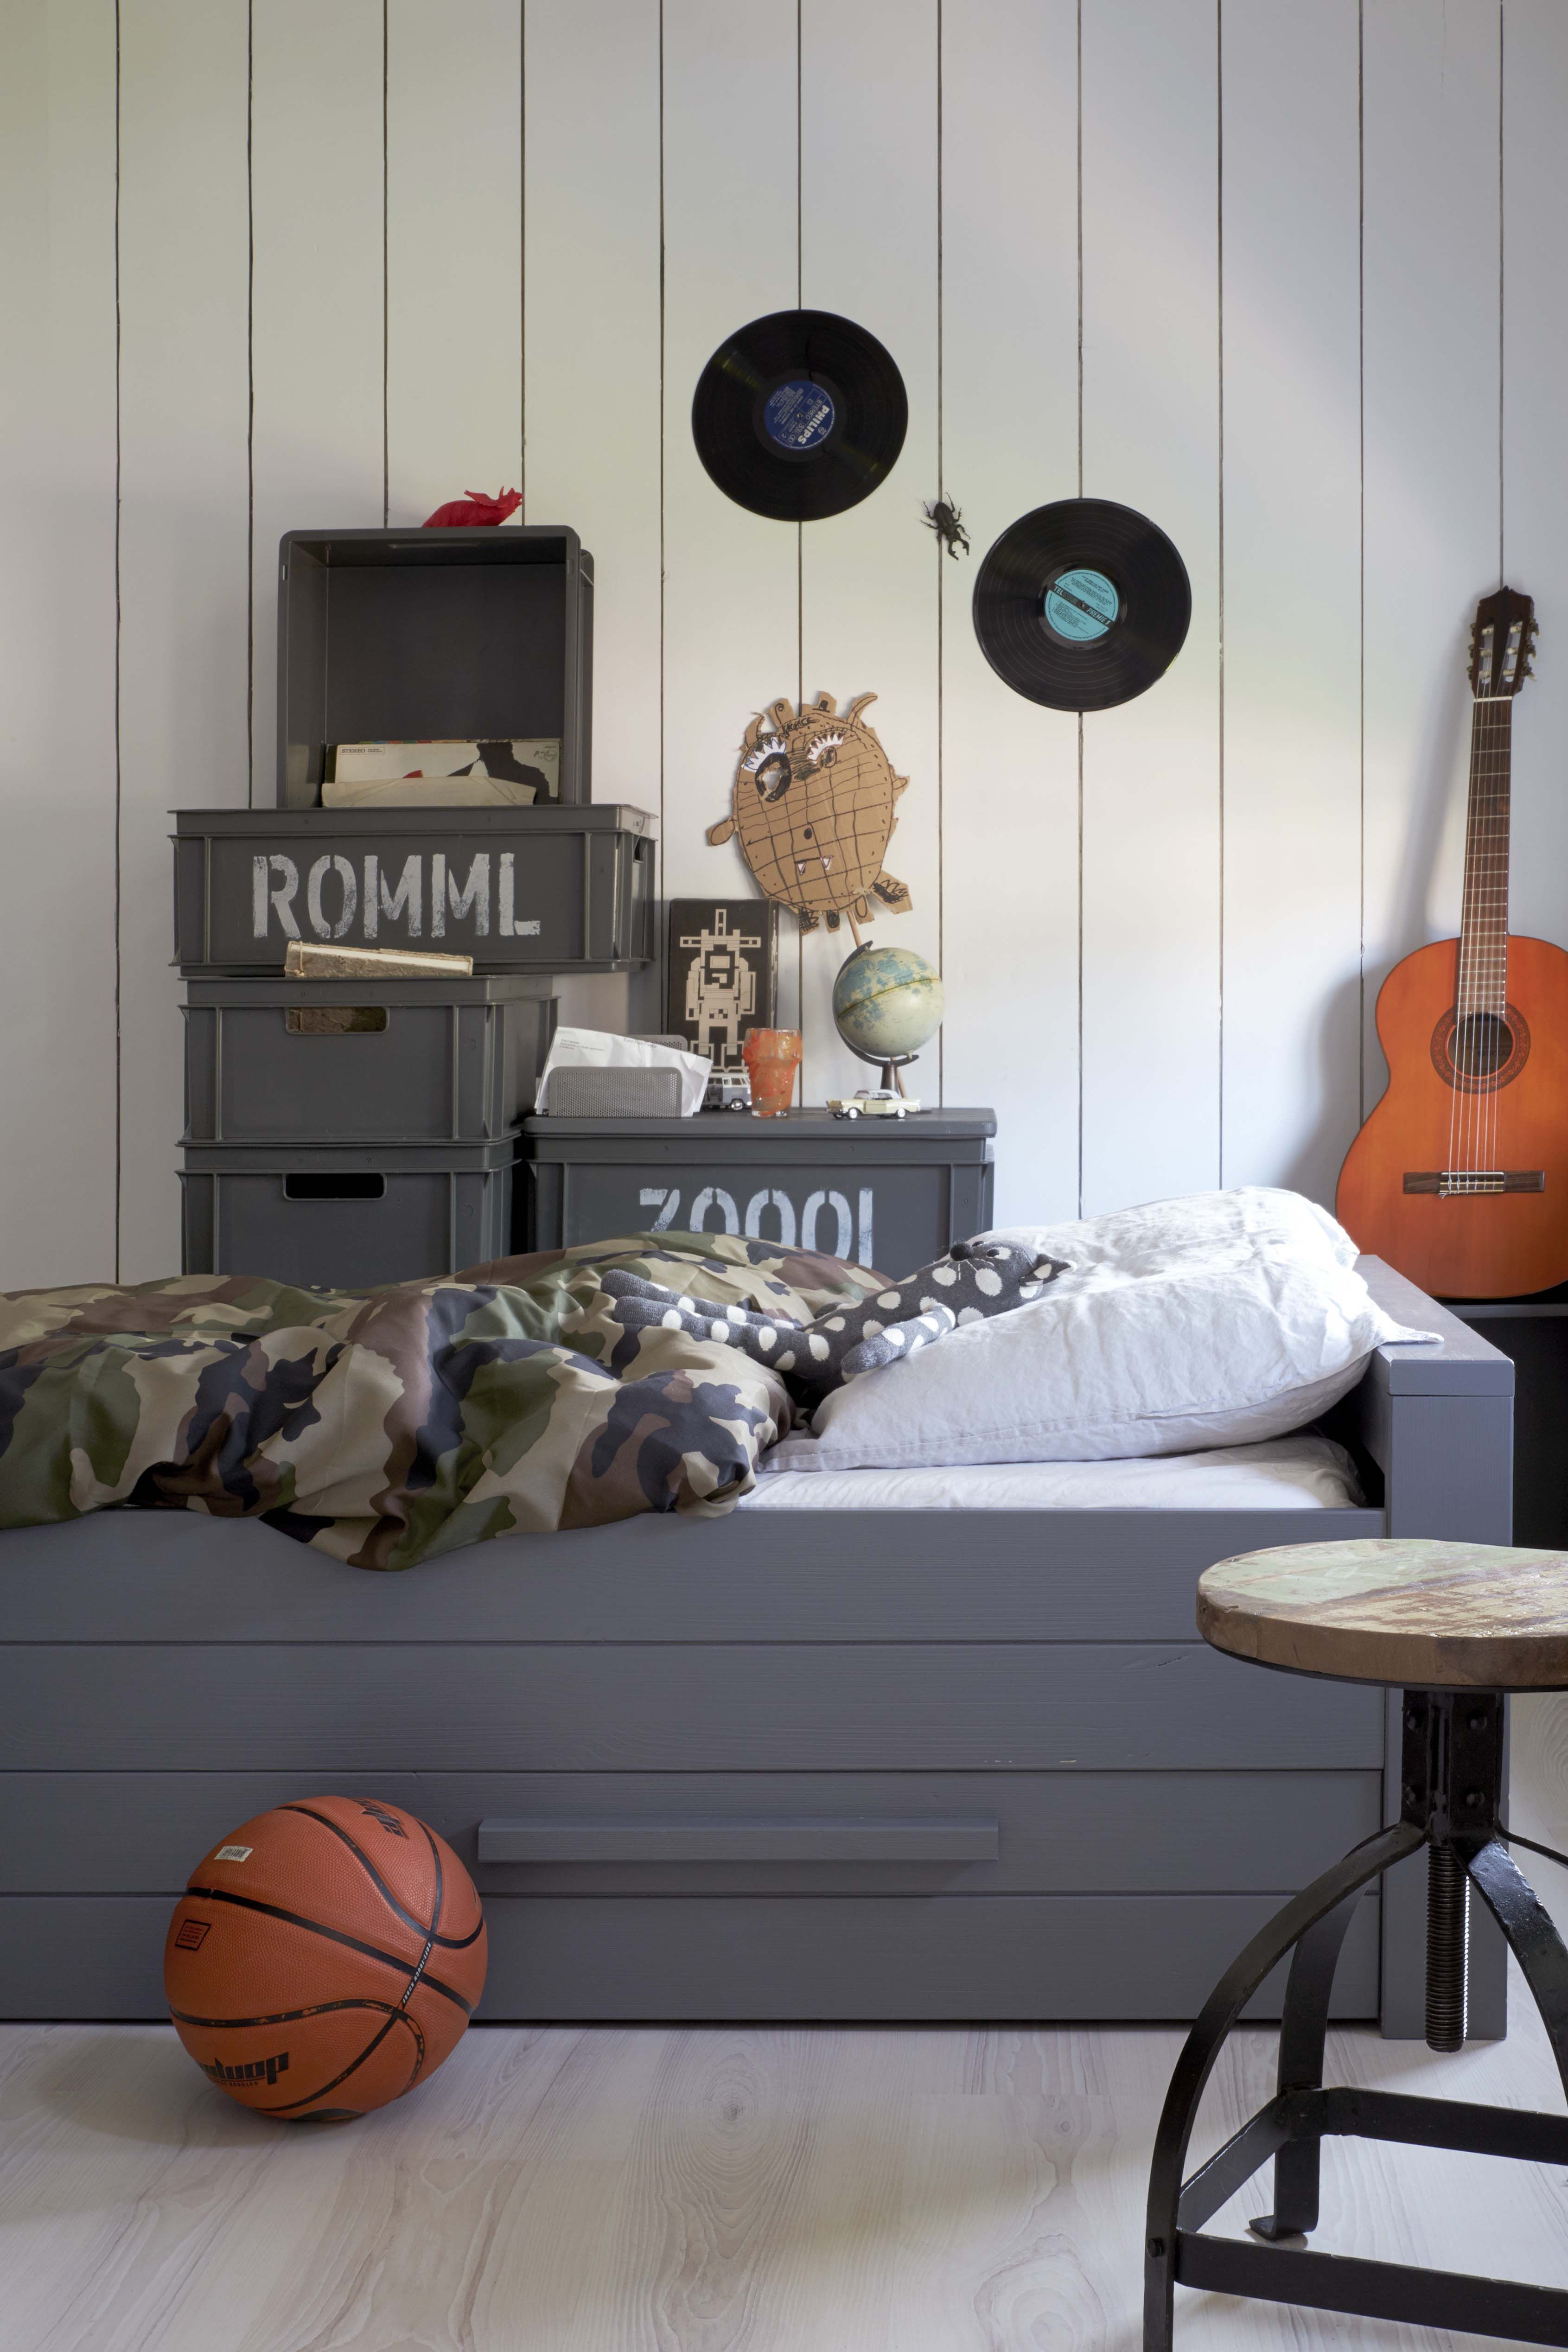 Karwei benut alle ruimte onder het bed zo is de kamer in een ogenblik weer netjes en - Kinderkamer ruimte ...